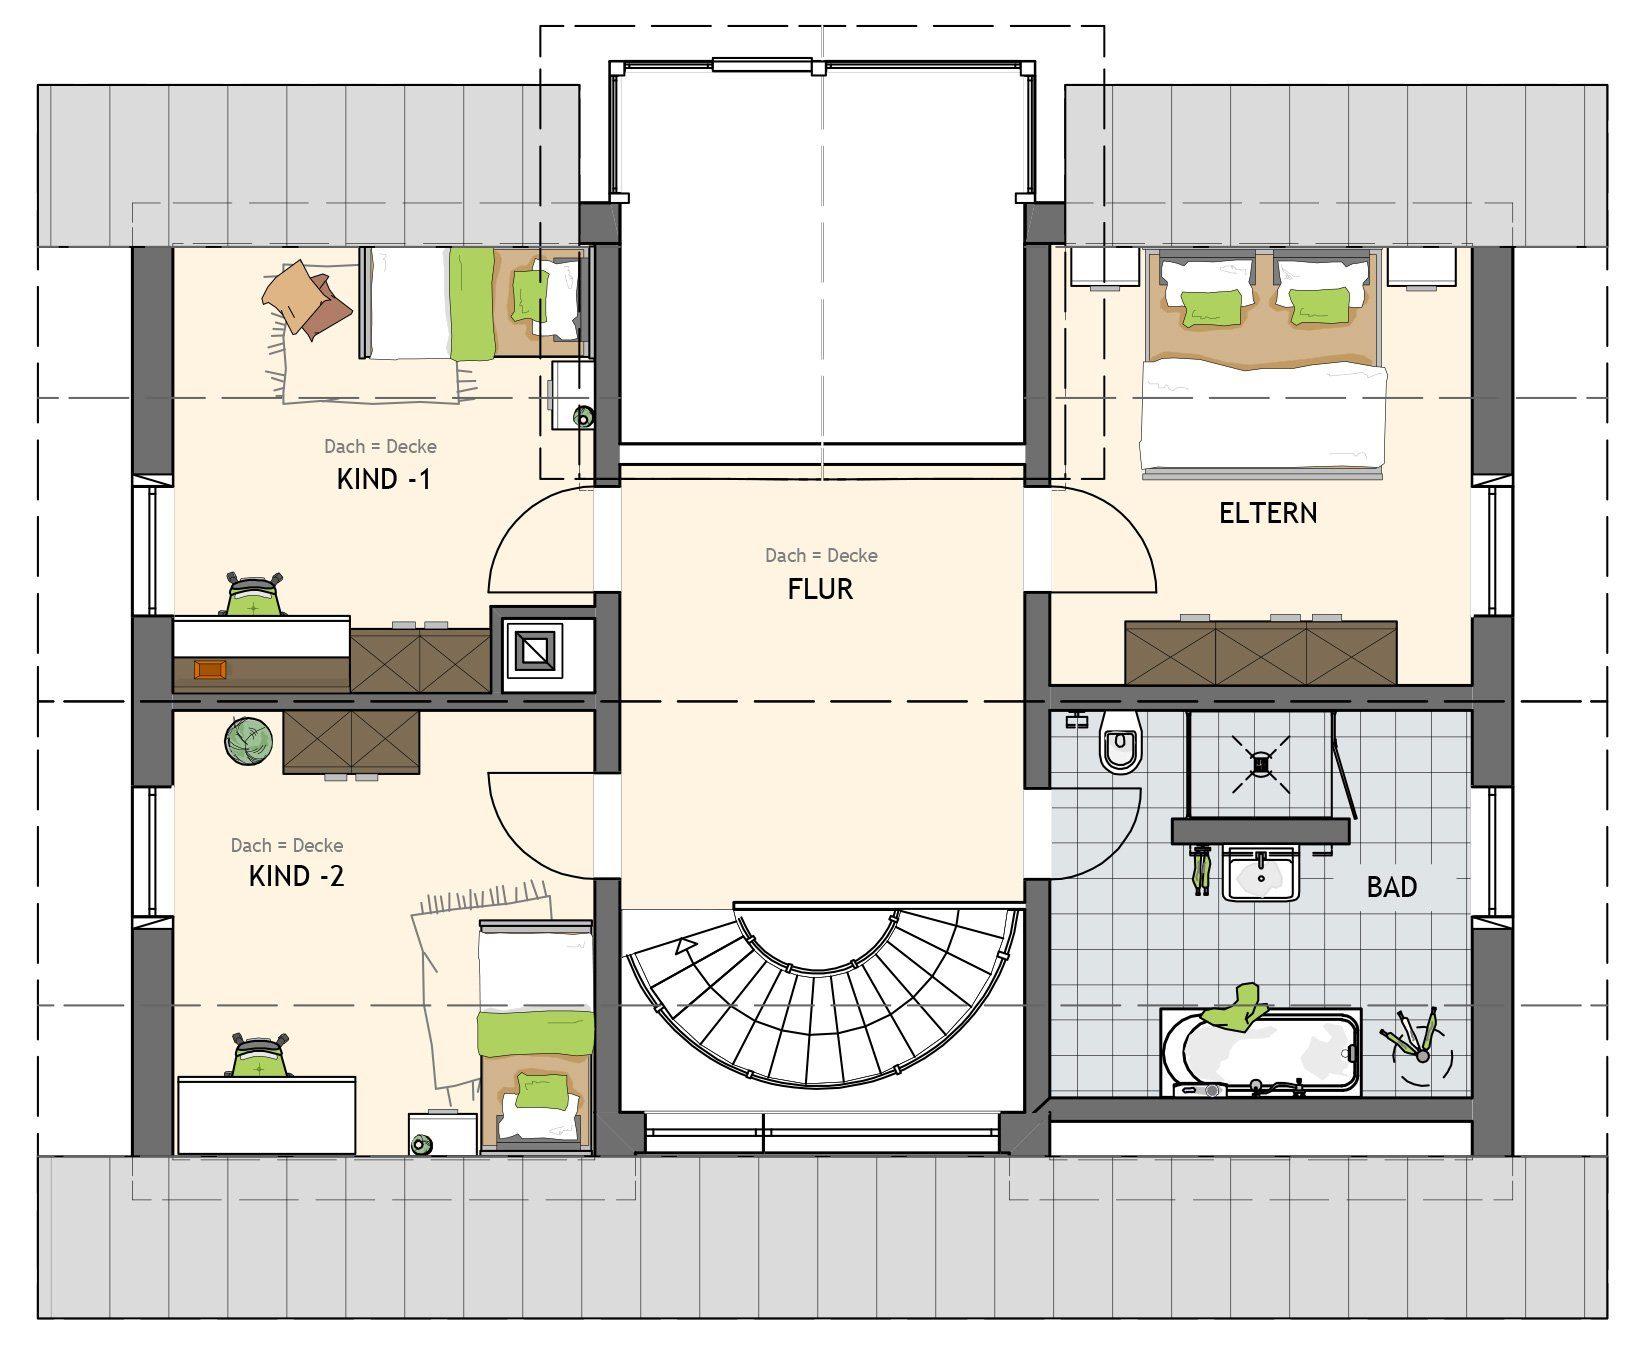 Kundehaus frei geplant - Eine Nahaufnahme von einer Karte - Gebäudeplan